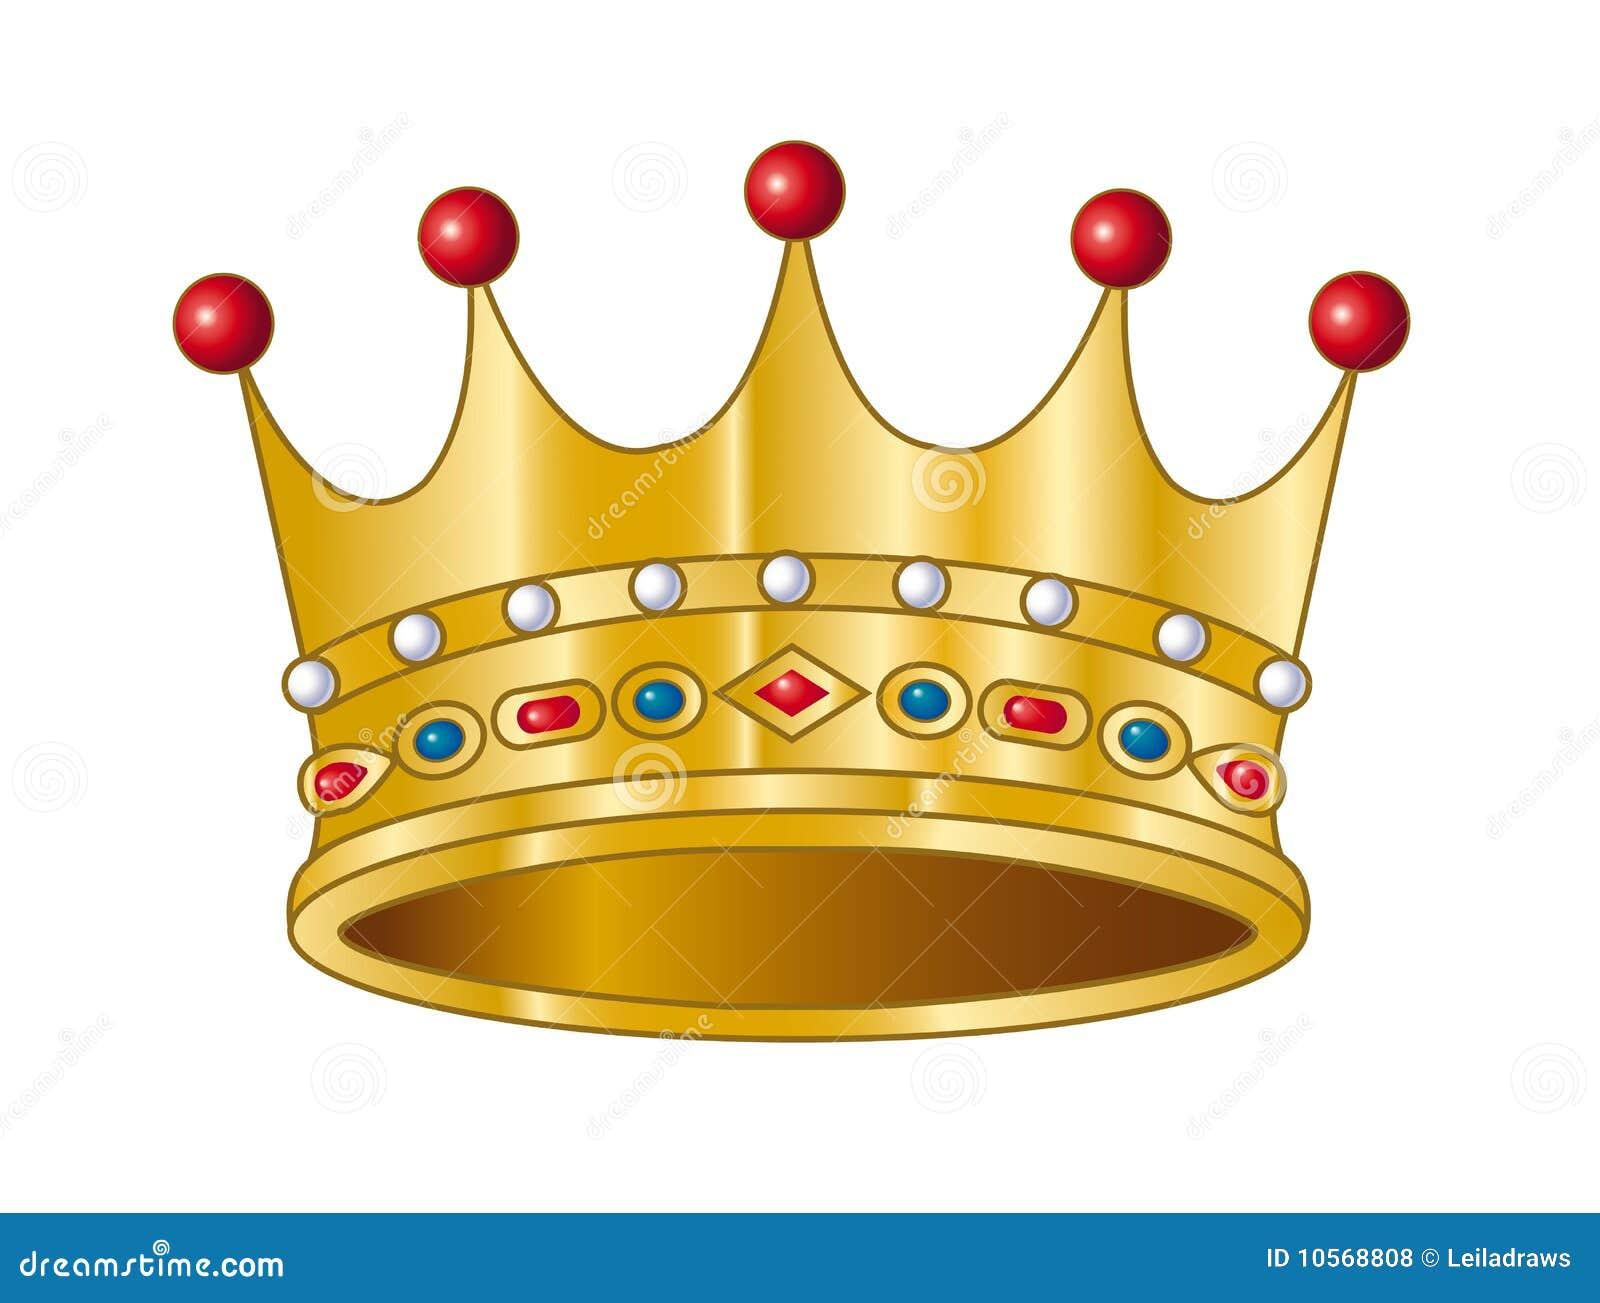 Ver trono de reyes online dating 9